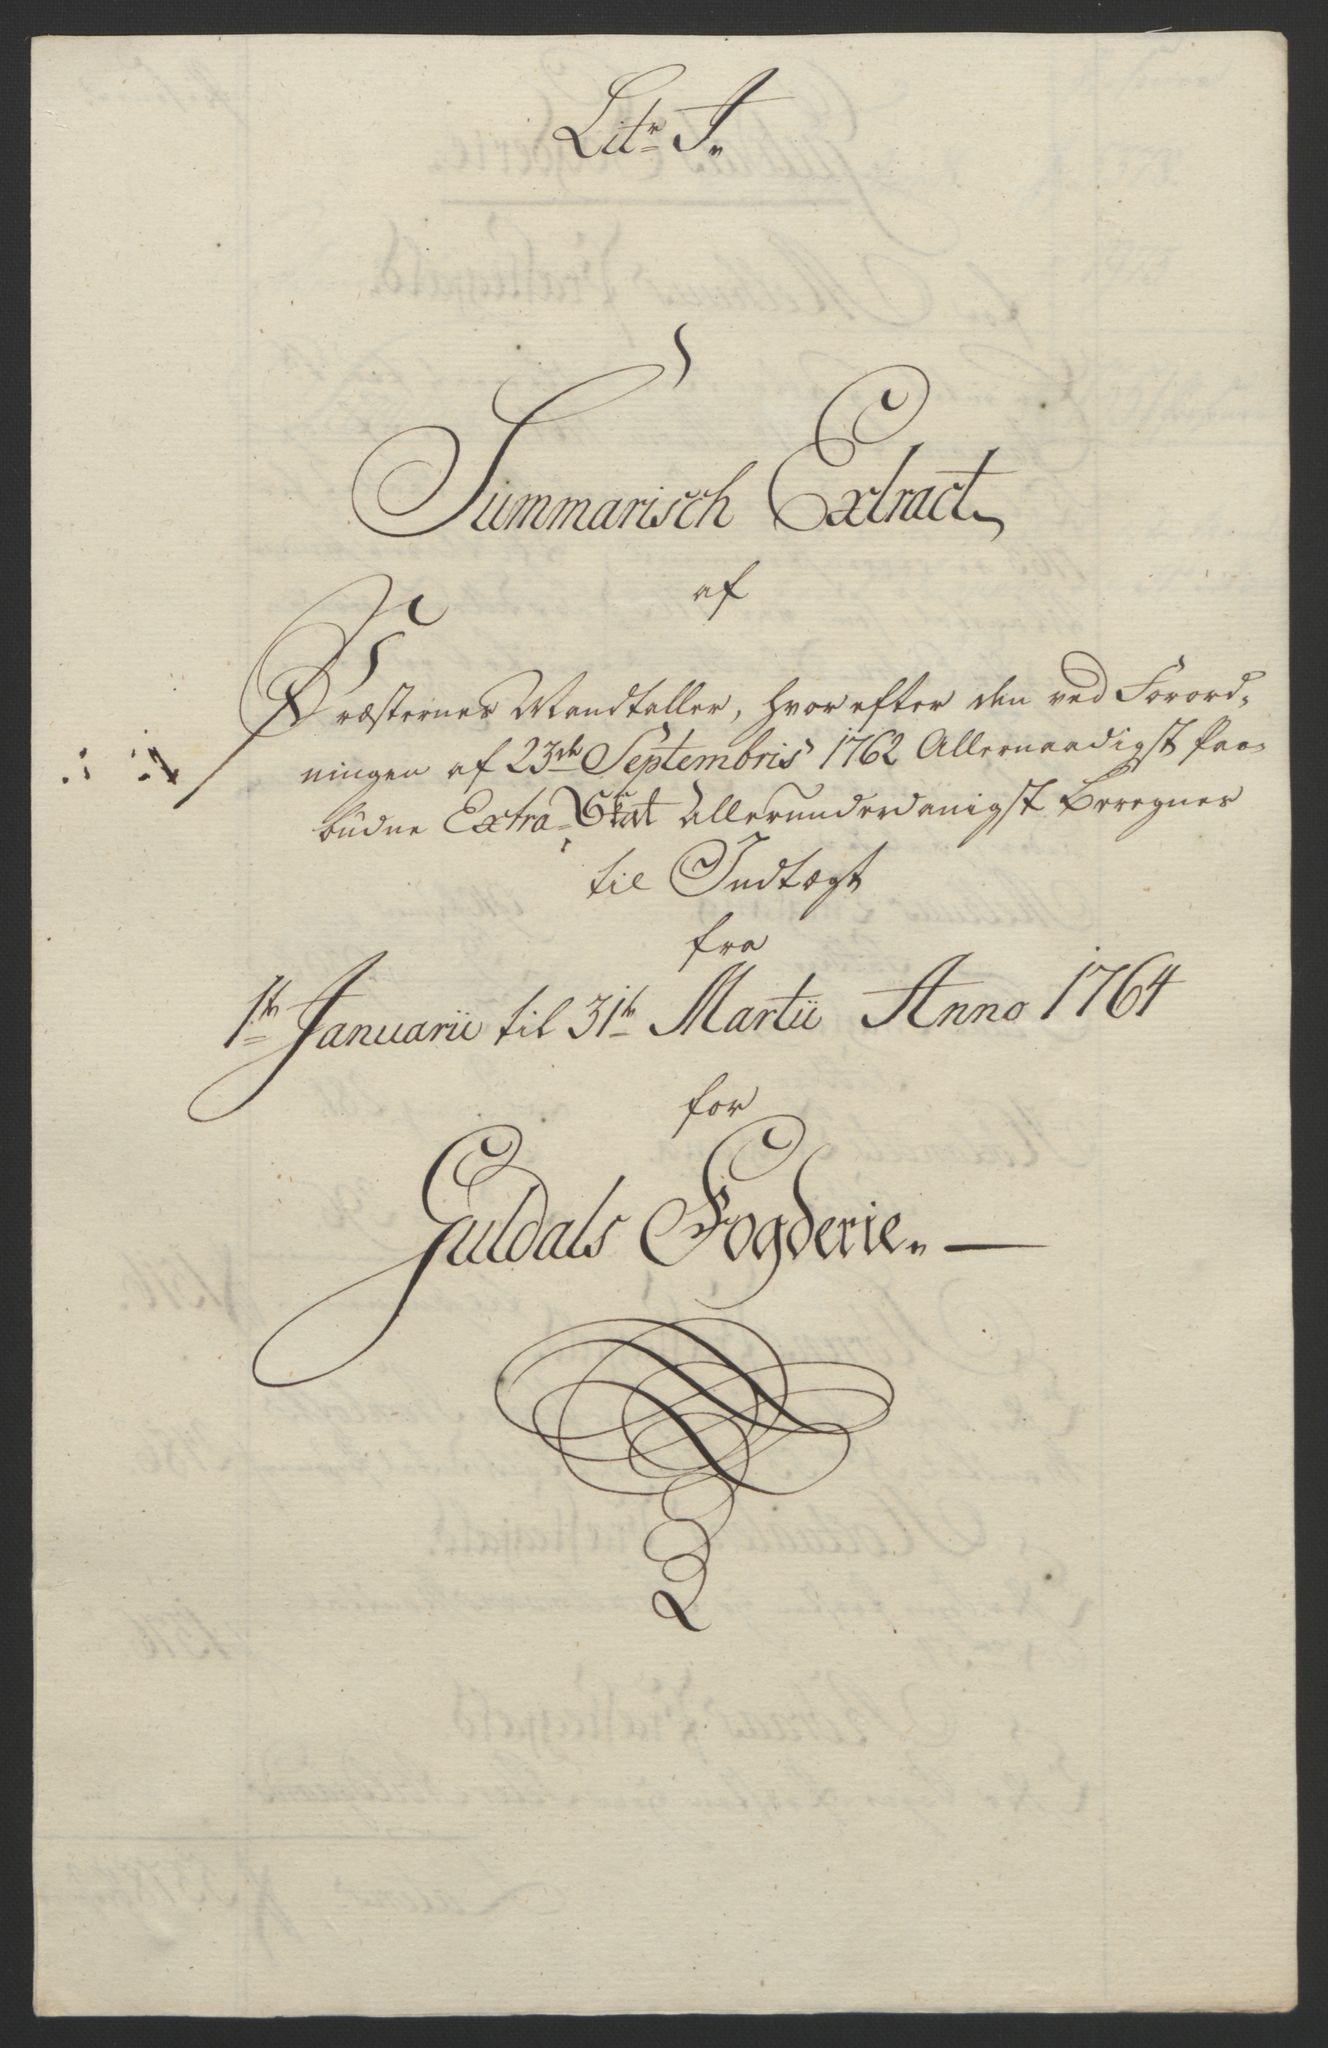 RA, Rentekammeret inntil 1814, Reviderte regnskaper, Fogderegnskap, R60/L4094: Ekstraskatten Orkdal og Gauldal, 1762-1765, s. 168